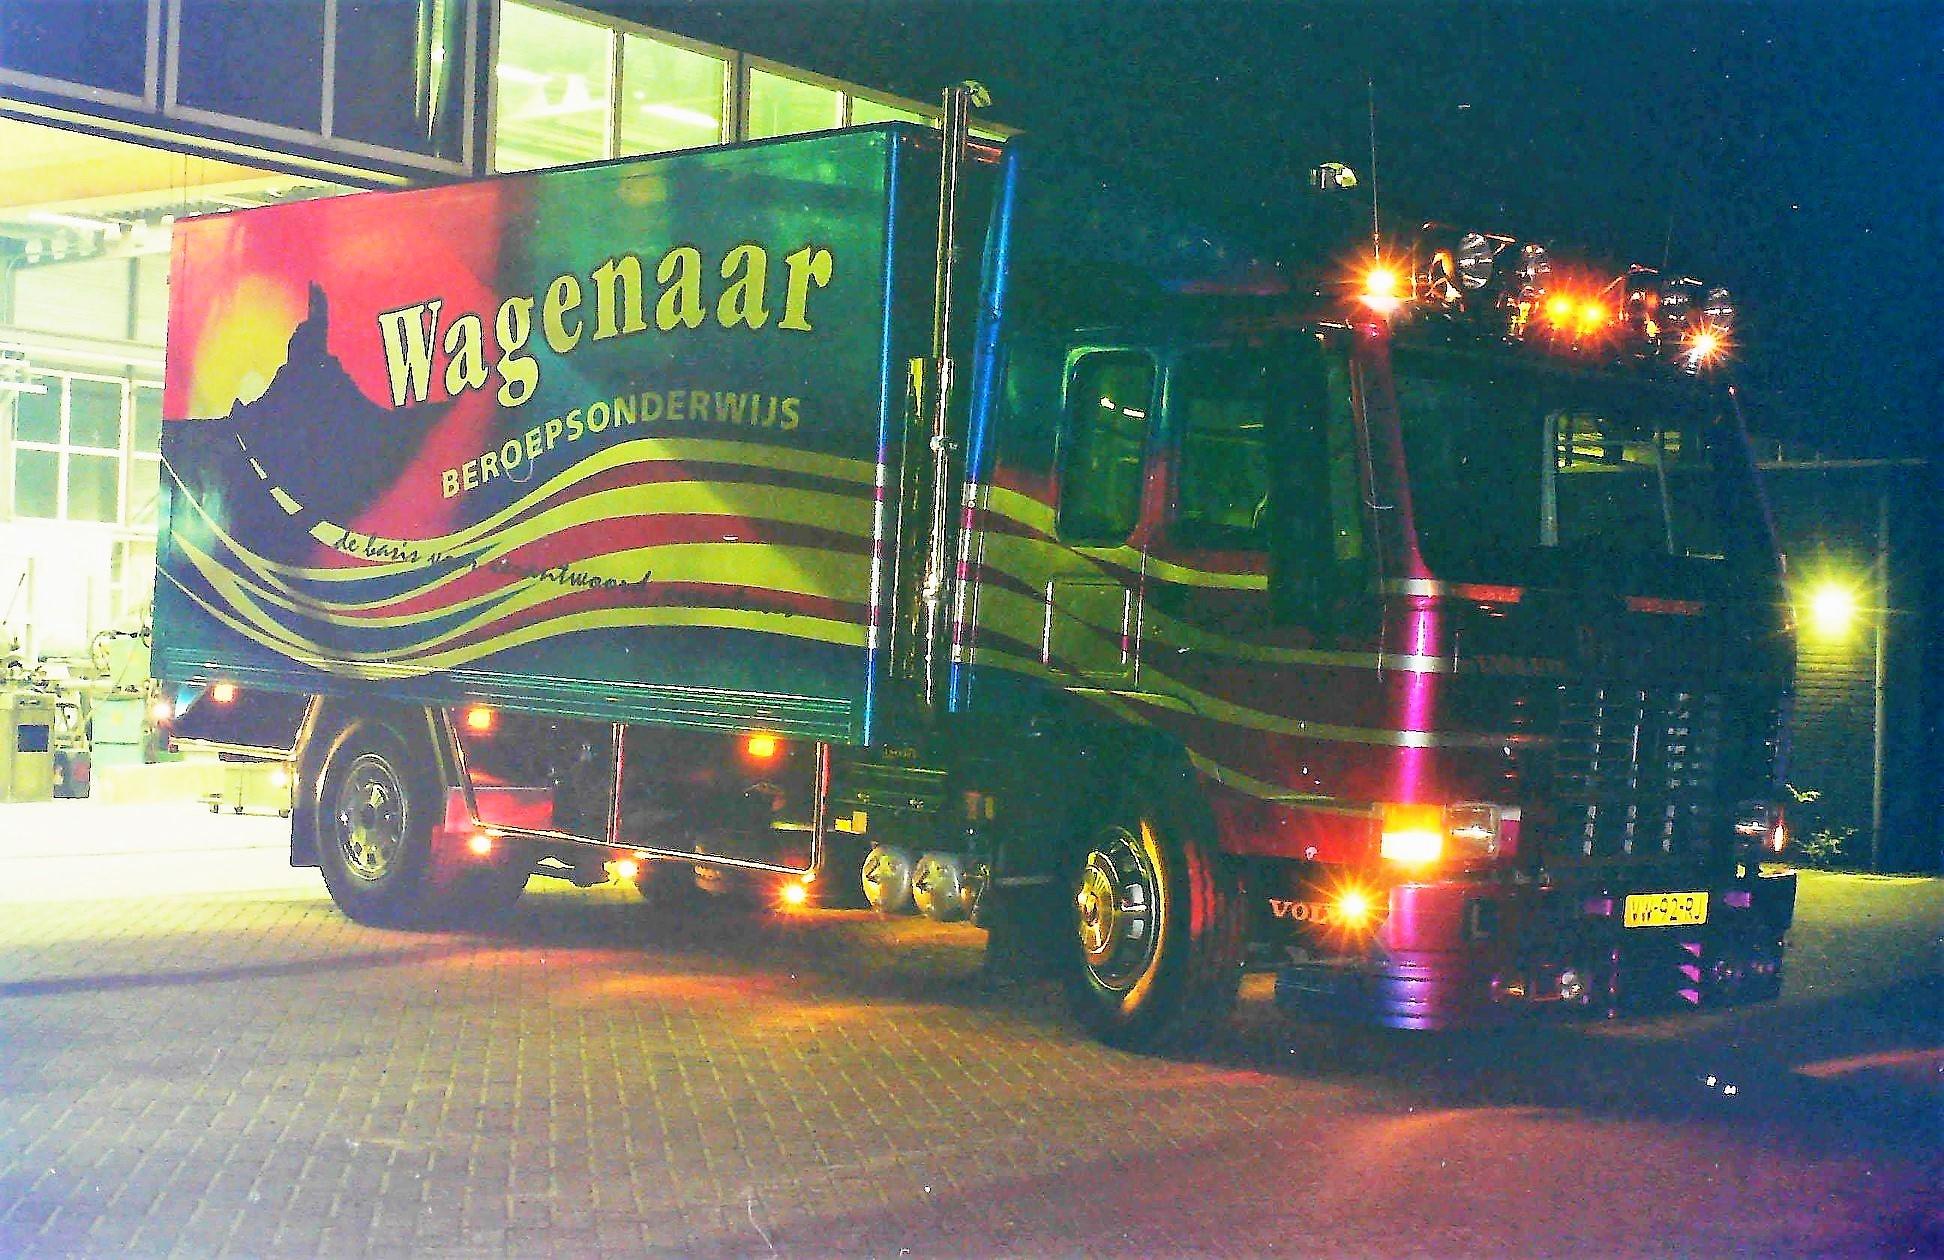 Deze-Volvo-les-vrachtauto-is-door-Rondaan-in-Berlikum-gebouwd-voor-Wagenaar-Beroepsonderwijs-uit-Hallum